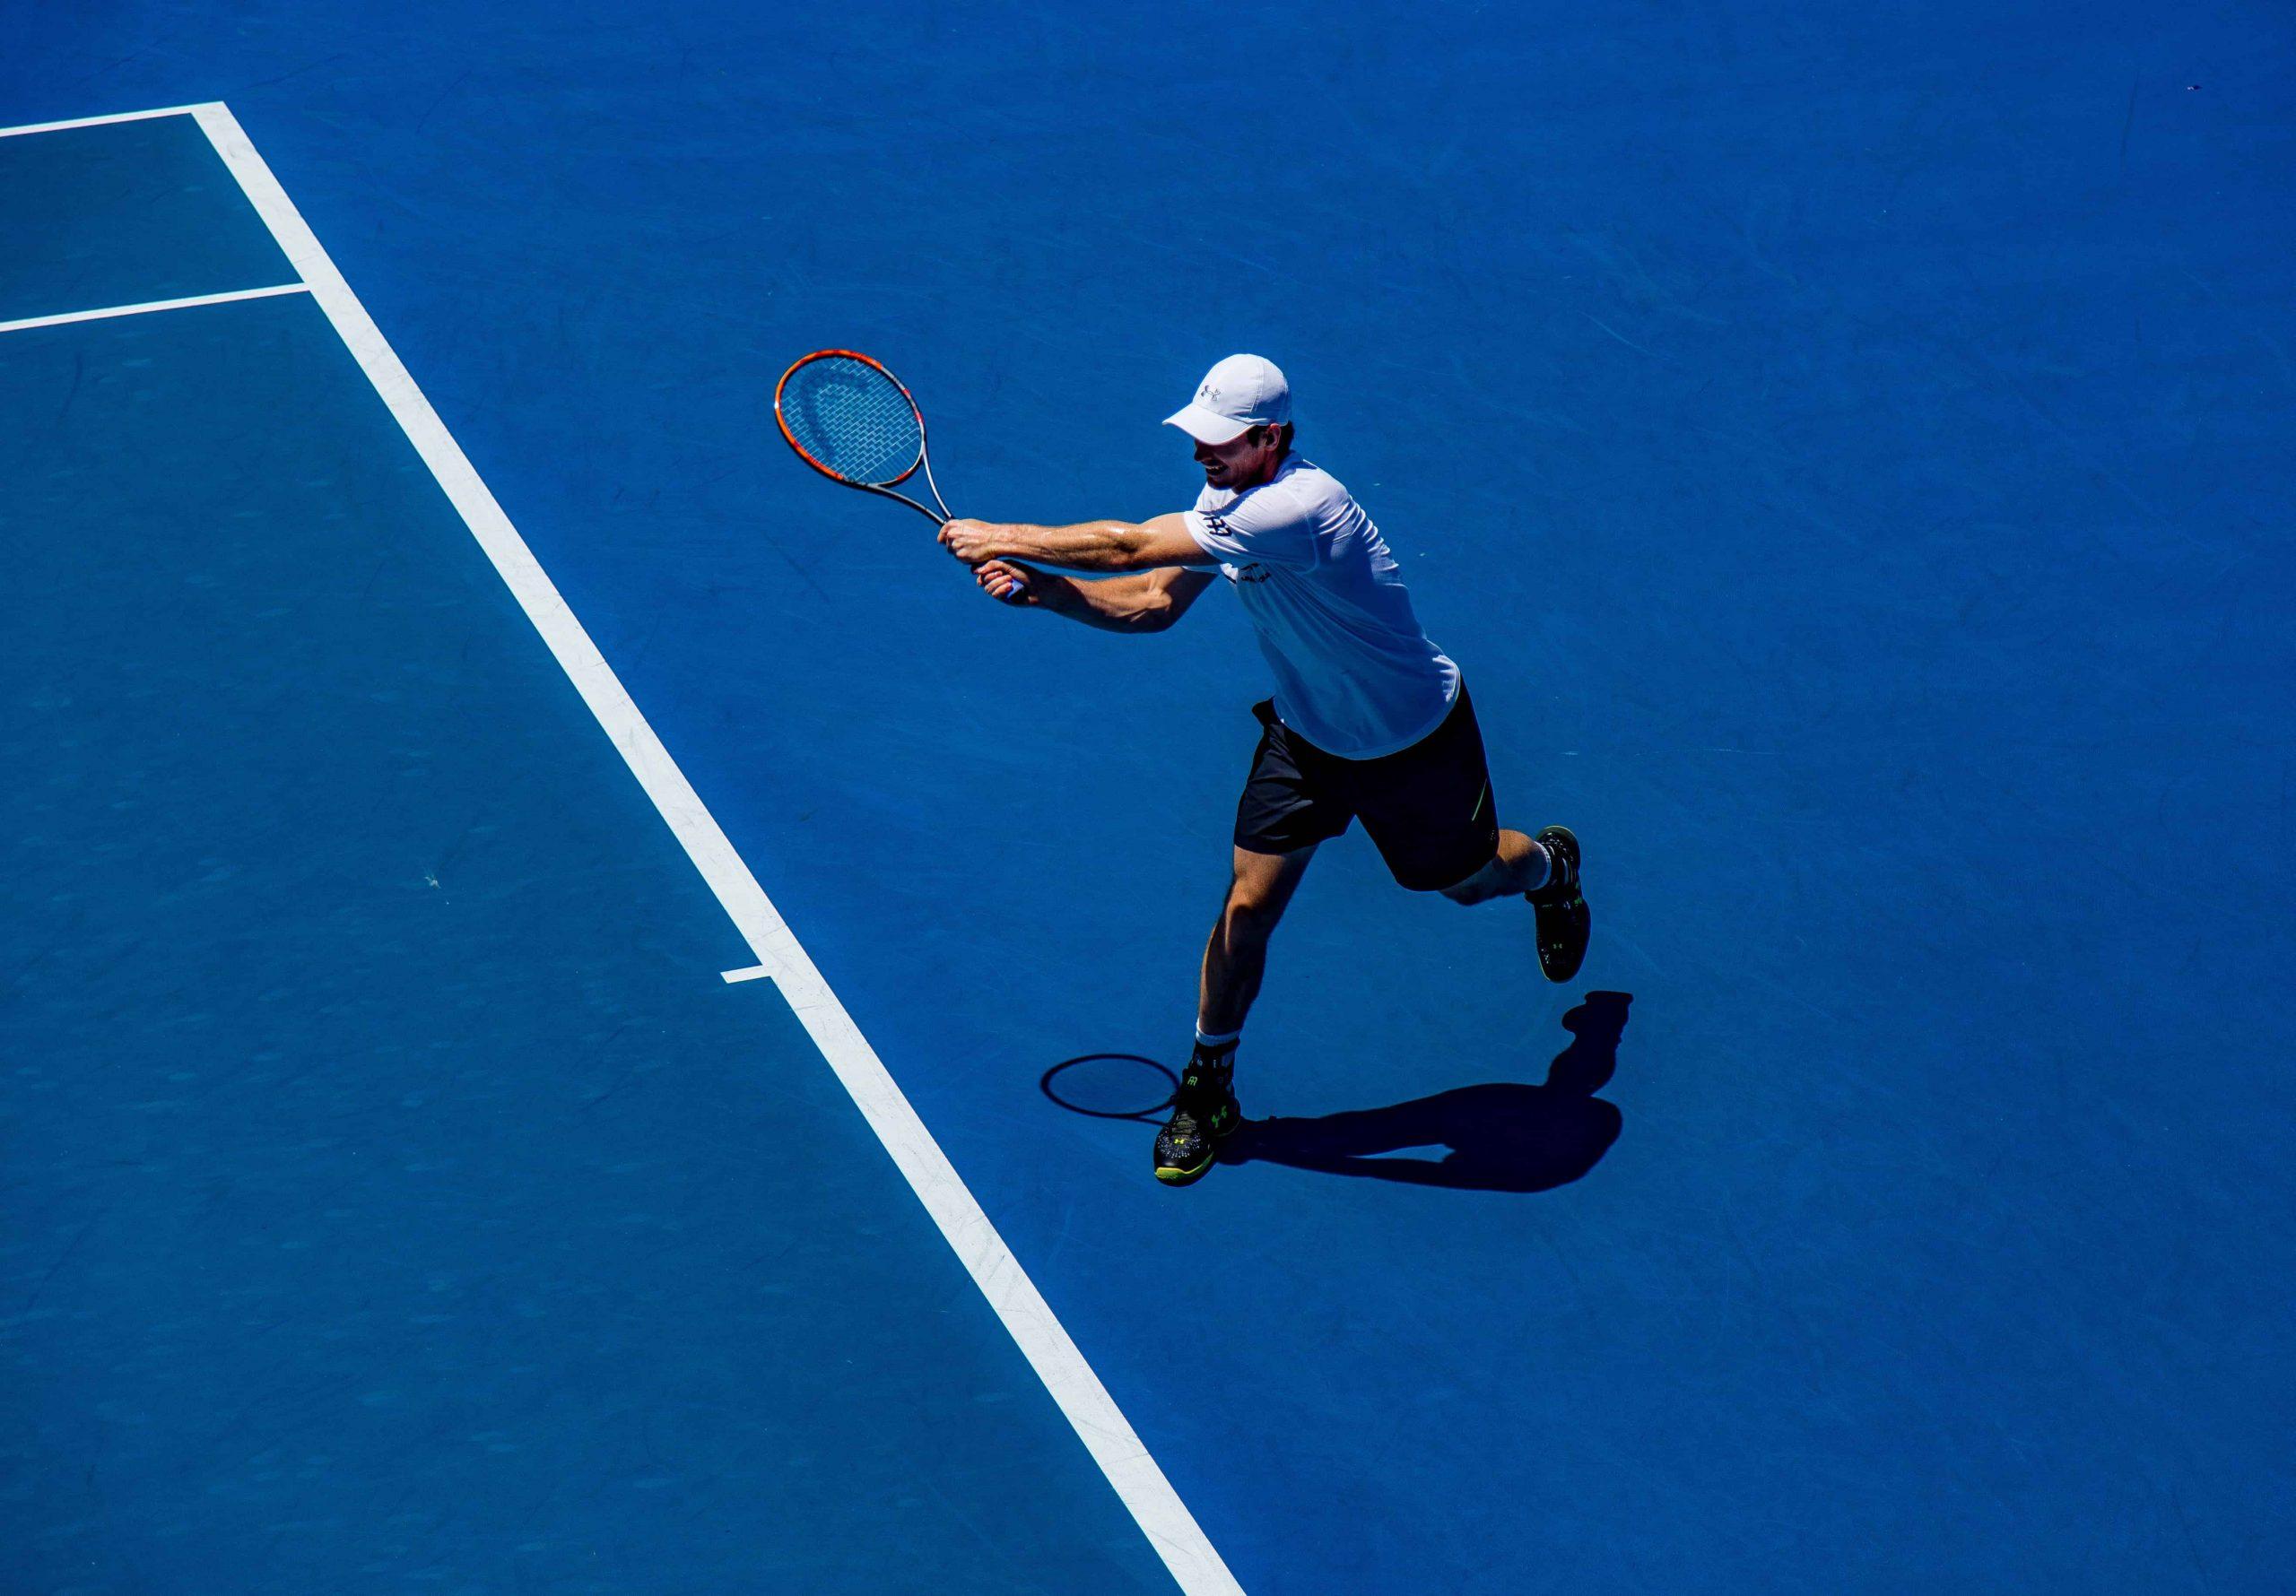 Tennis lernen: Das sollte ein Tennis-Anfänger beachten (09/20)